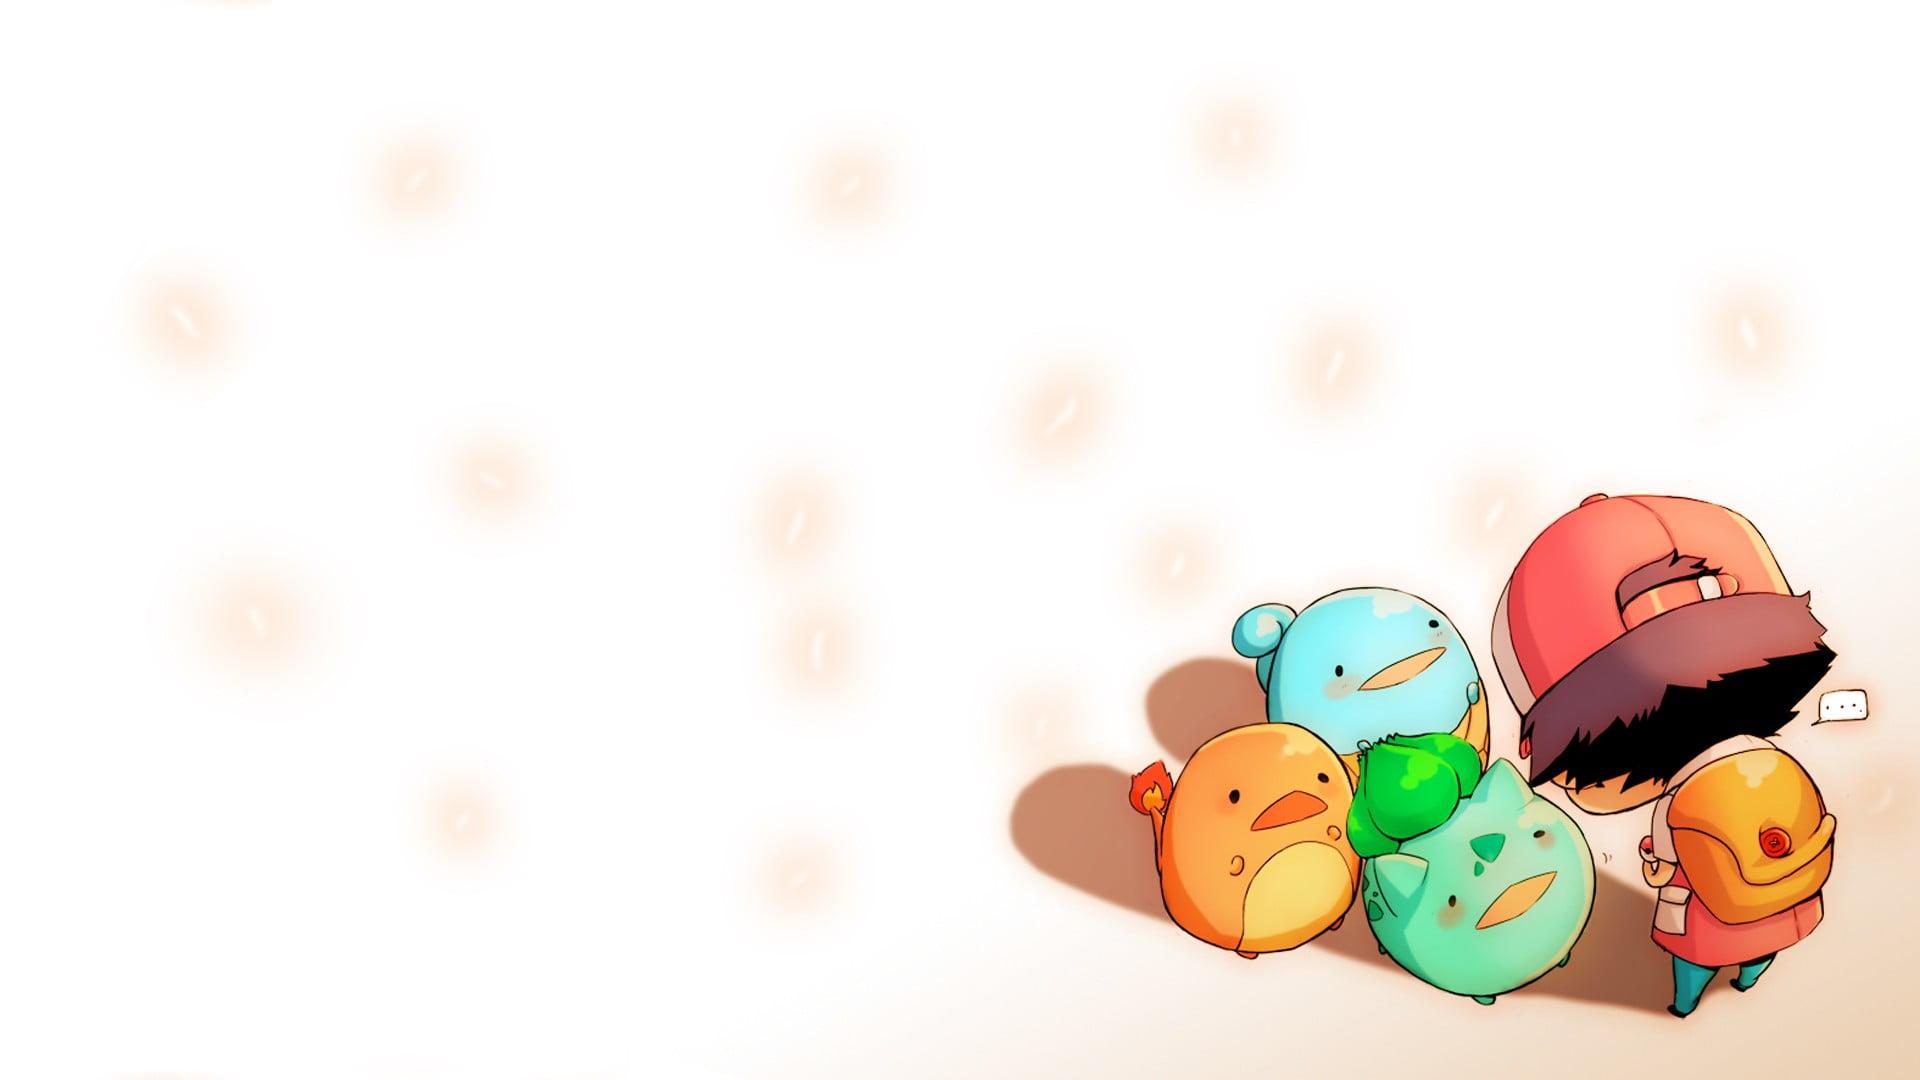 Hình nền chibi pokemon dễ thương